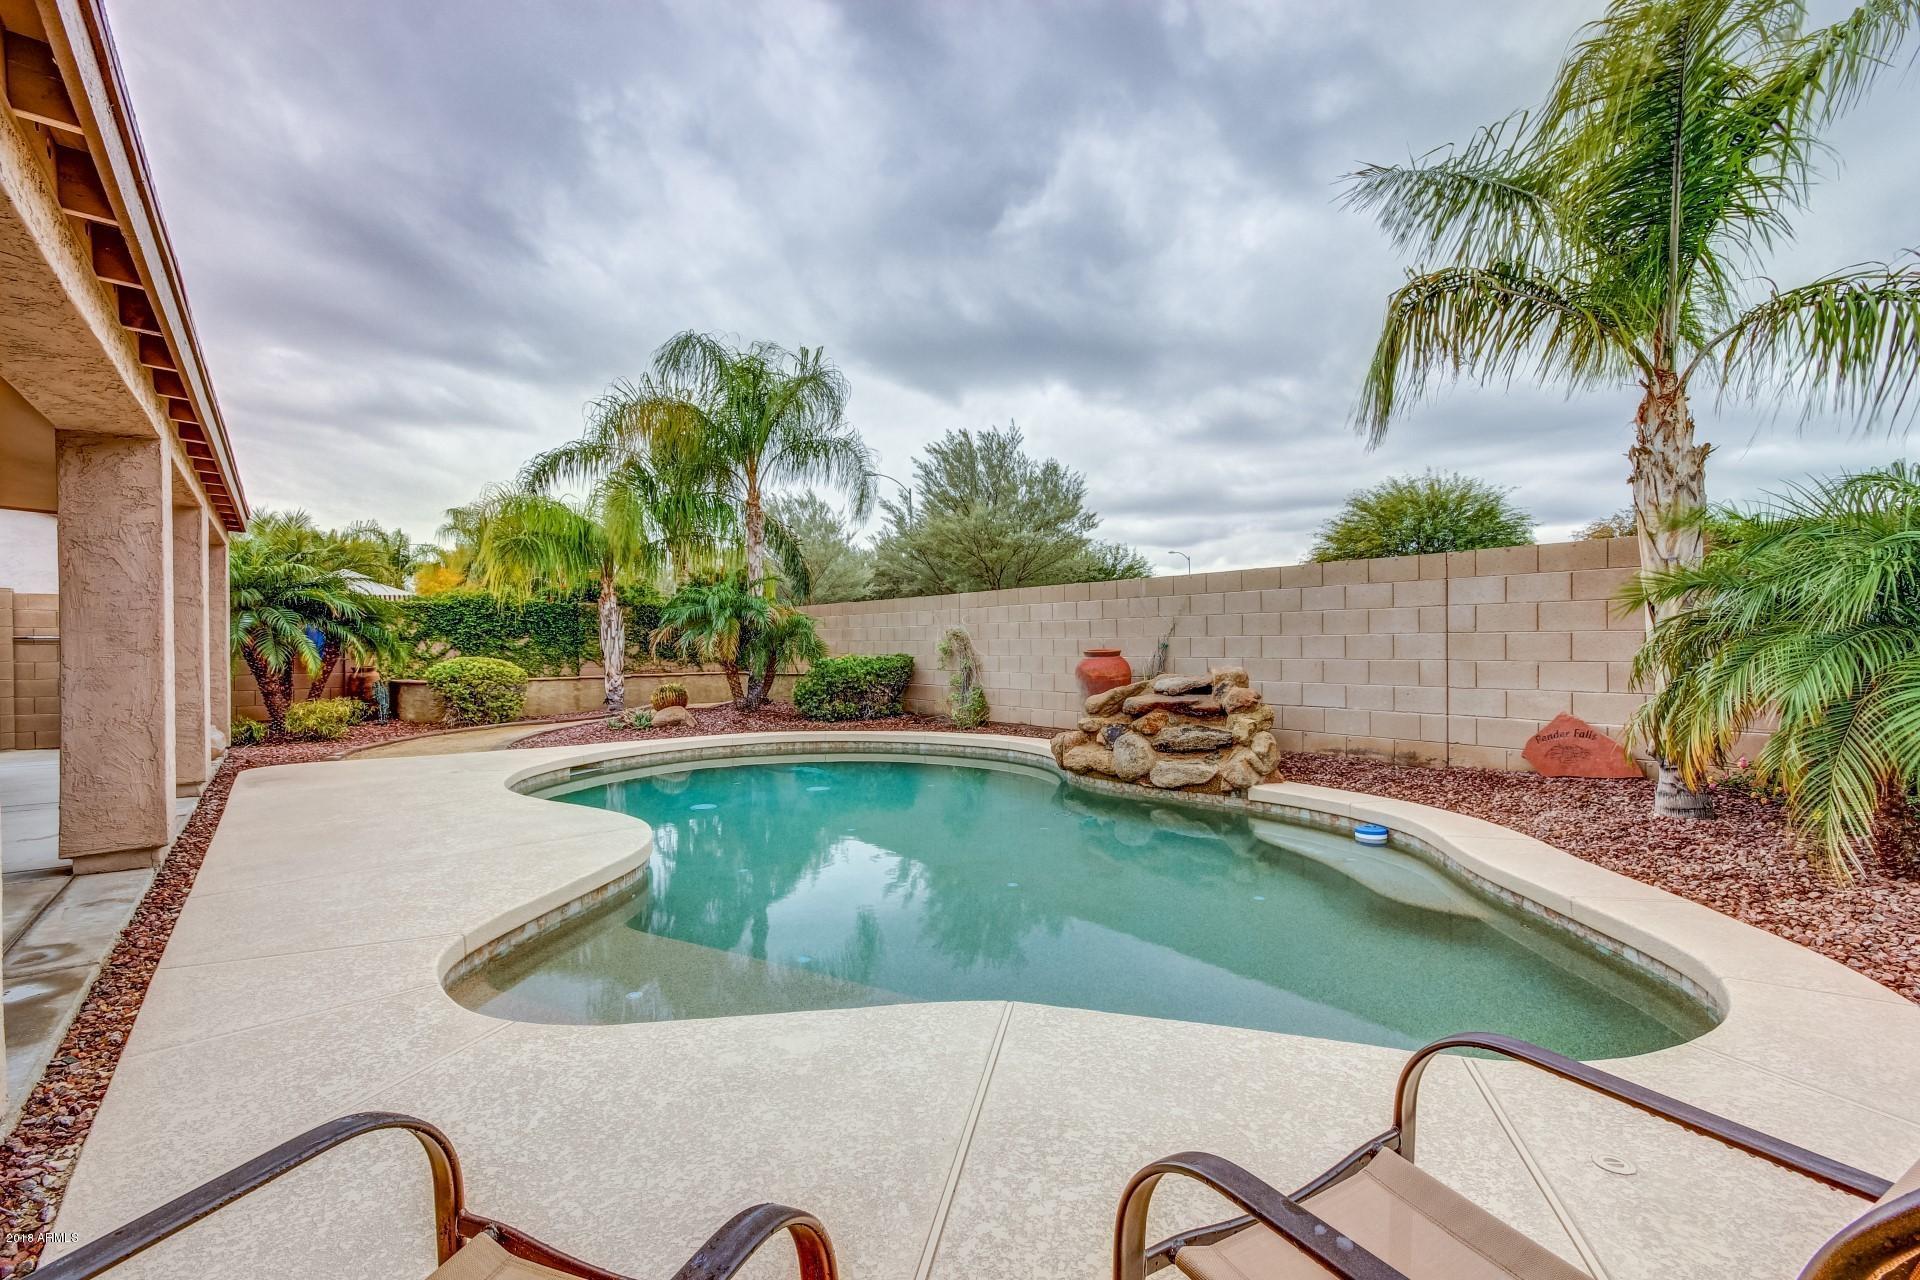 14520 N 176TH Lane Surprise, AZ 85388 - MLS #: 5855208